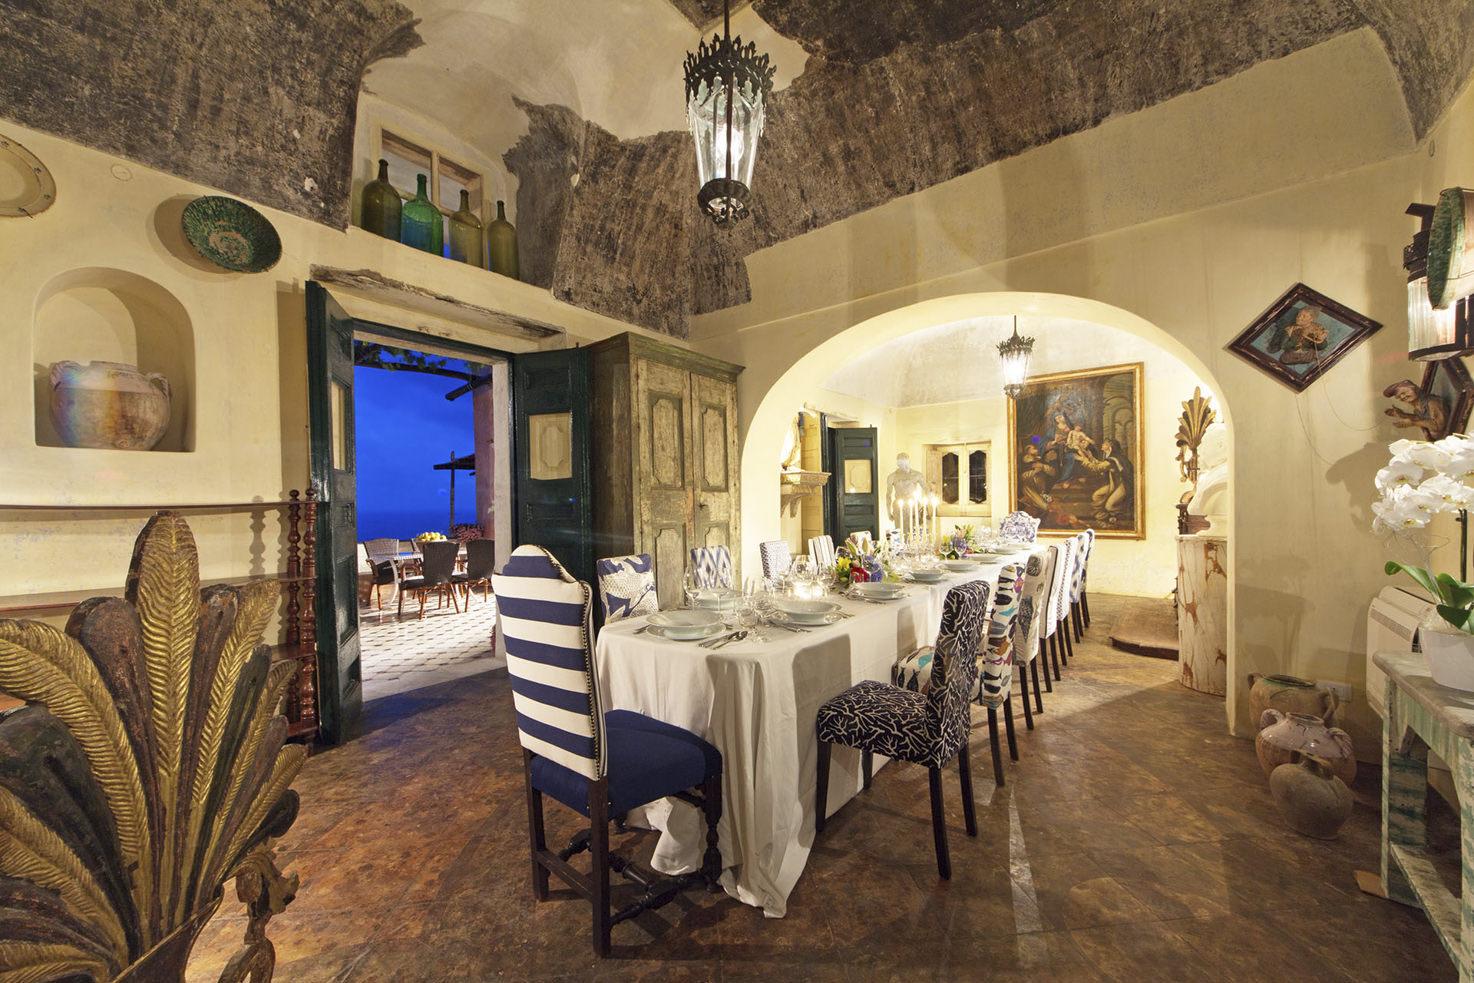 Dining room in Positano private villa